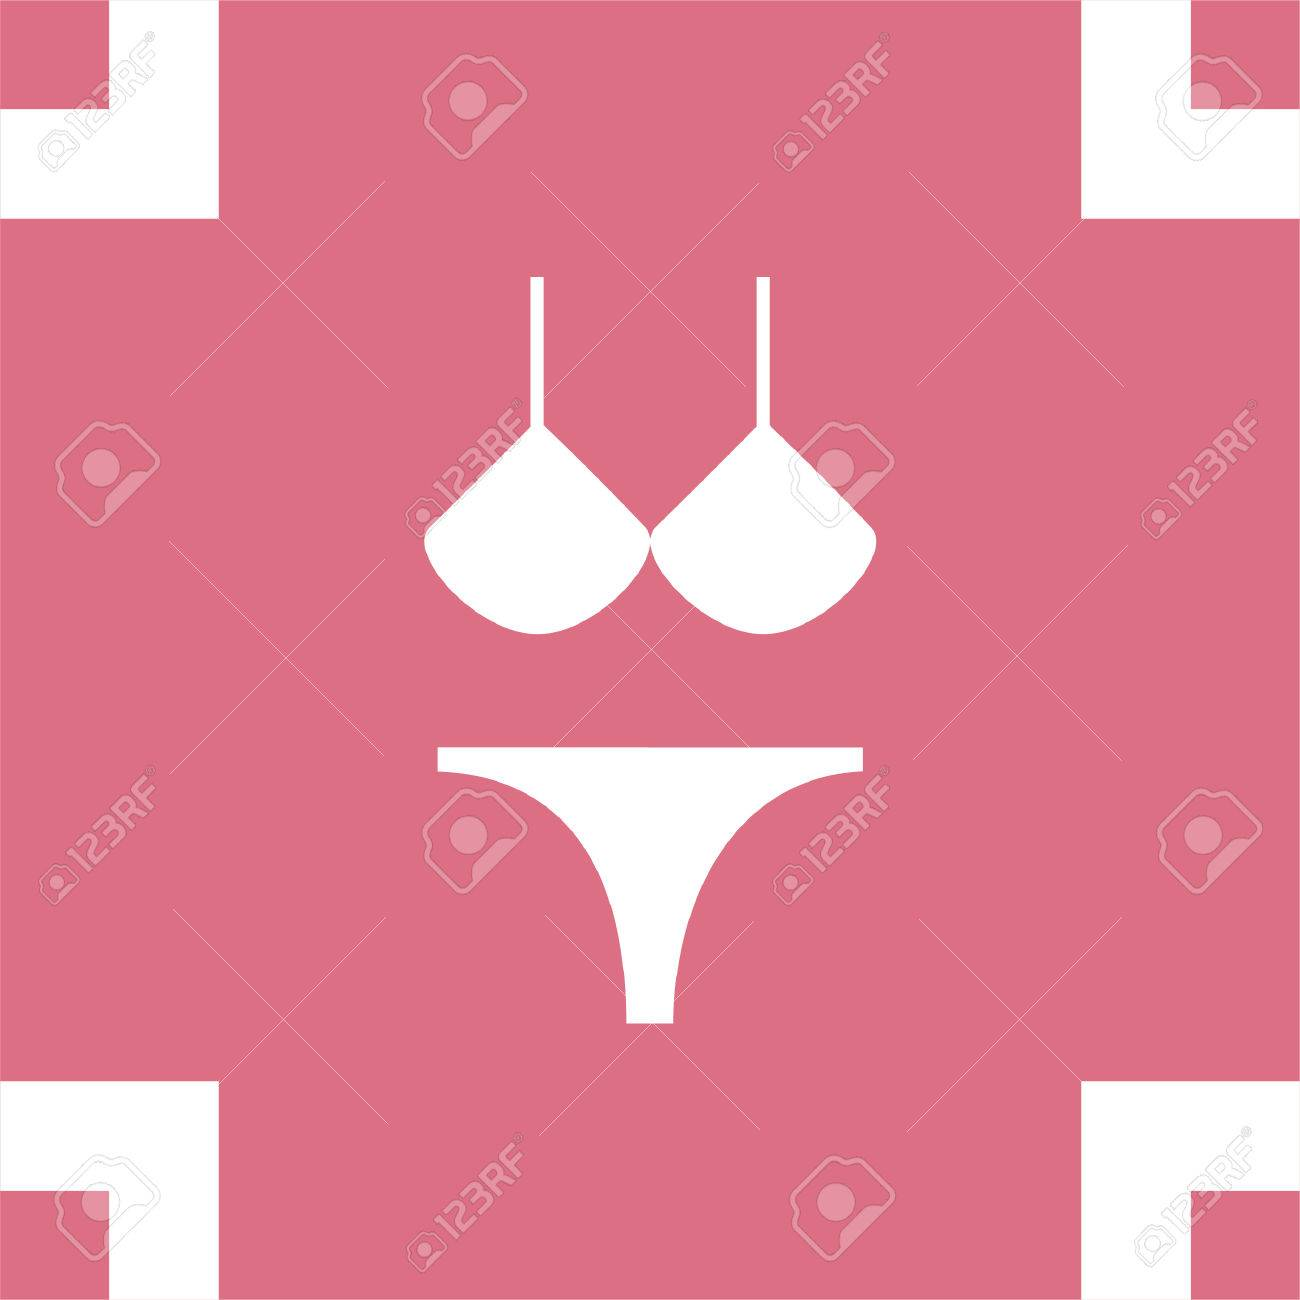 7c56fa8a63 Bikini vector icon. Women beach clothes sign. Summer vacation symbol. Stock  Vector -